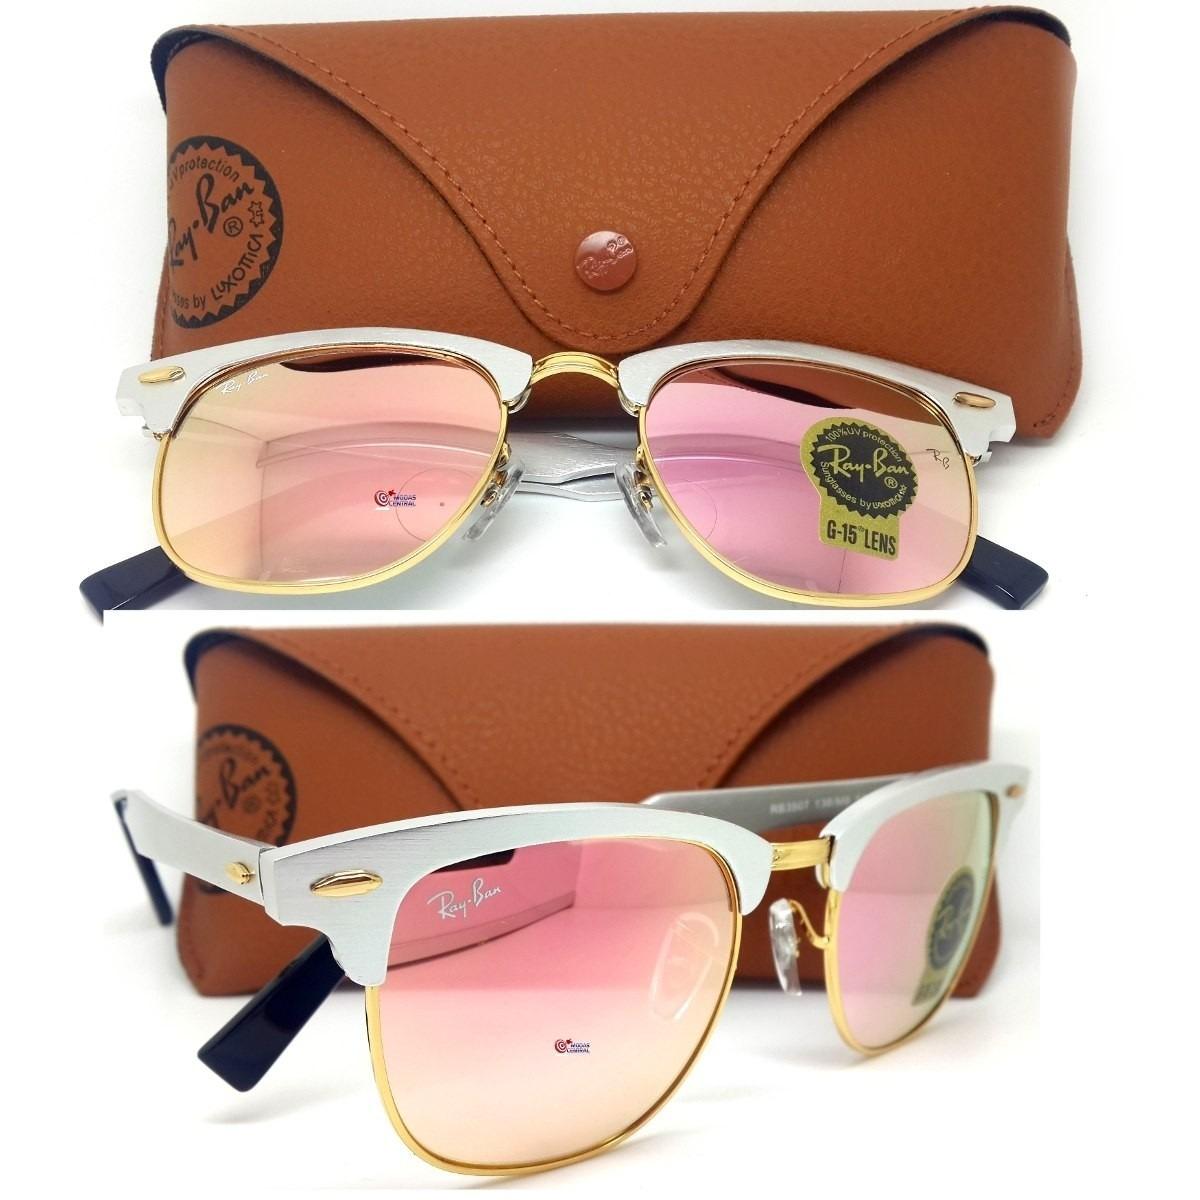 lentes ray ban clubmaster mercado livre lentes ray ban clubmaster mercado  livre ... c6e605dacb